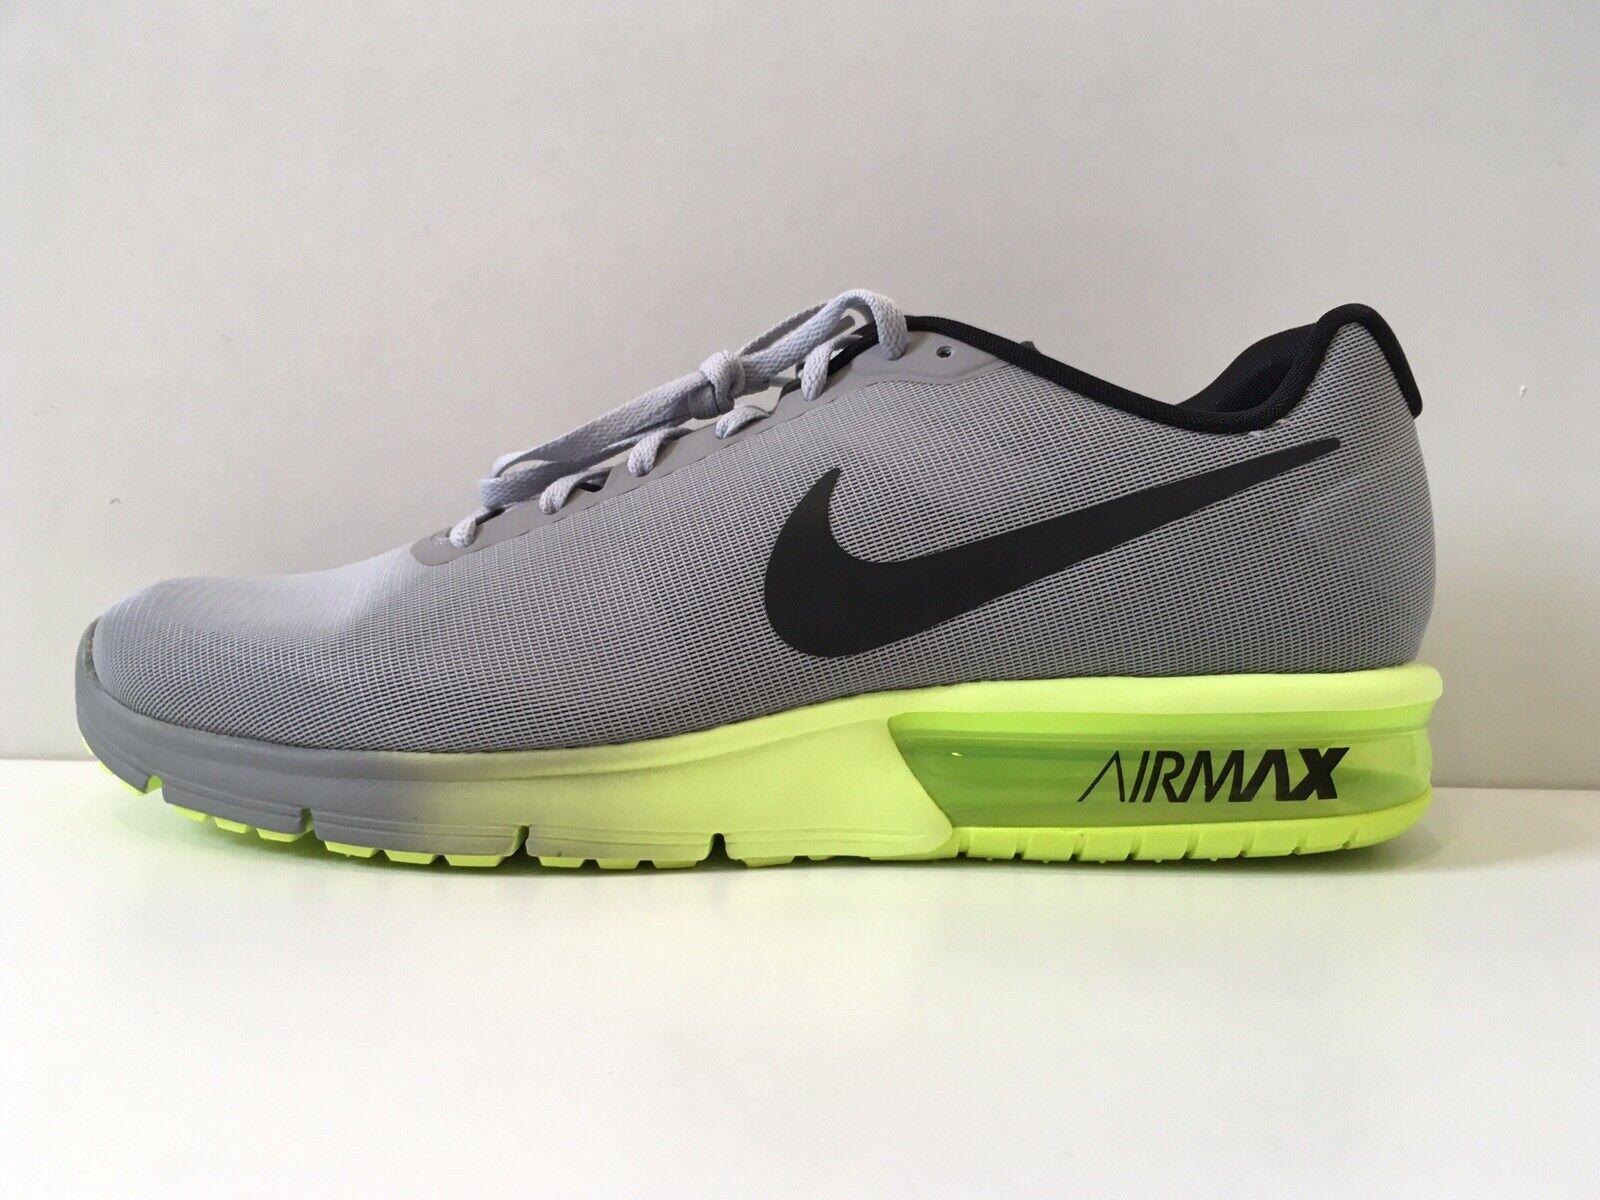 Nike Air Max Sequent 2017 - 46 Größe 11 12 719912-013 Schuhe